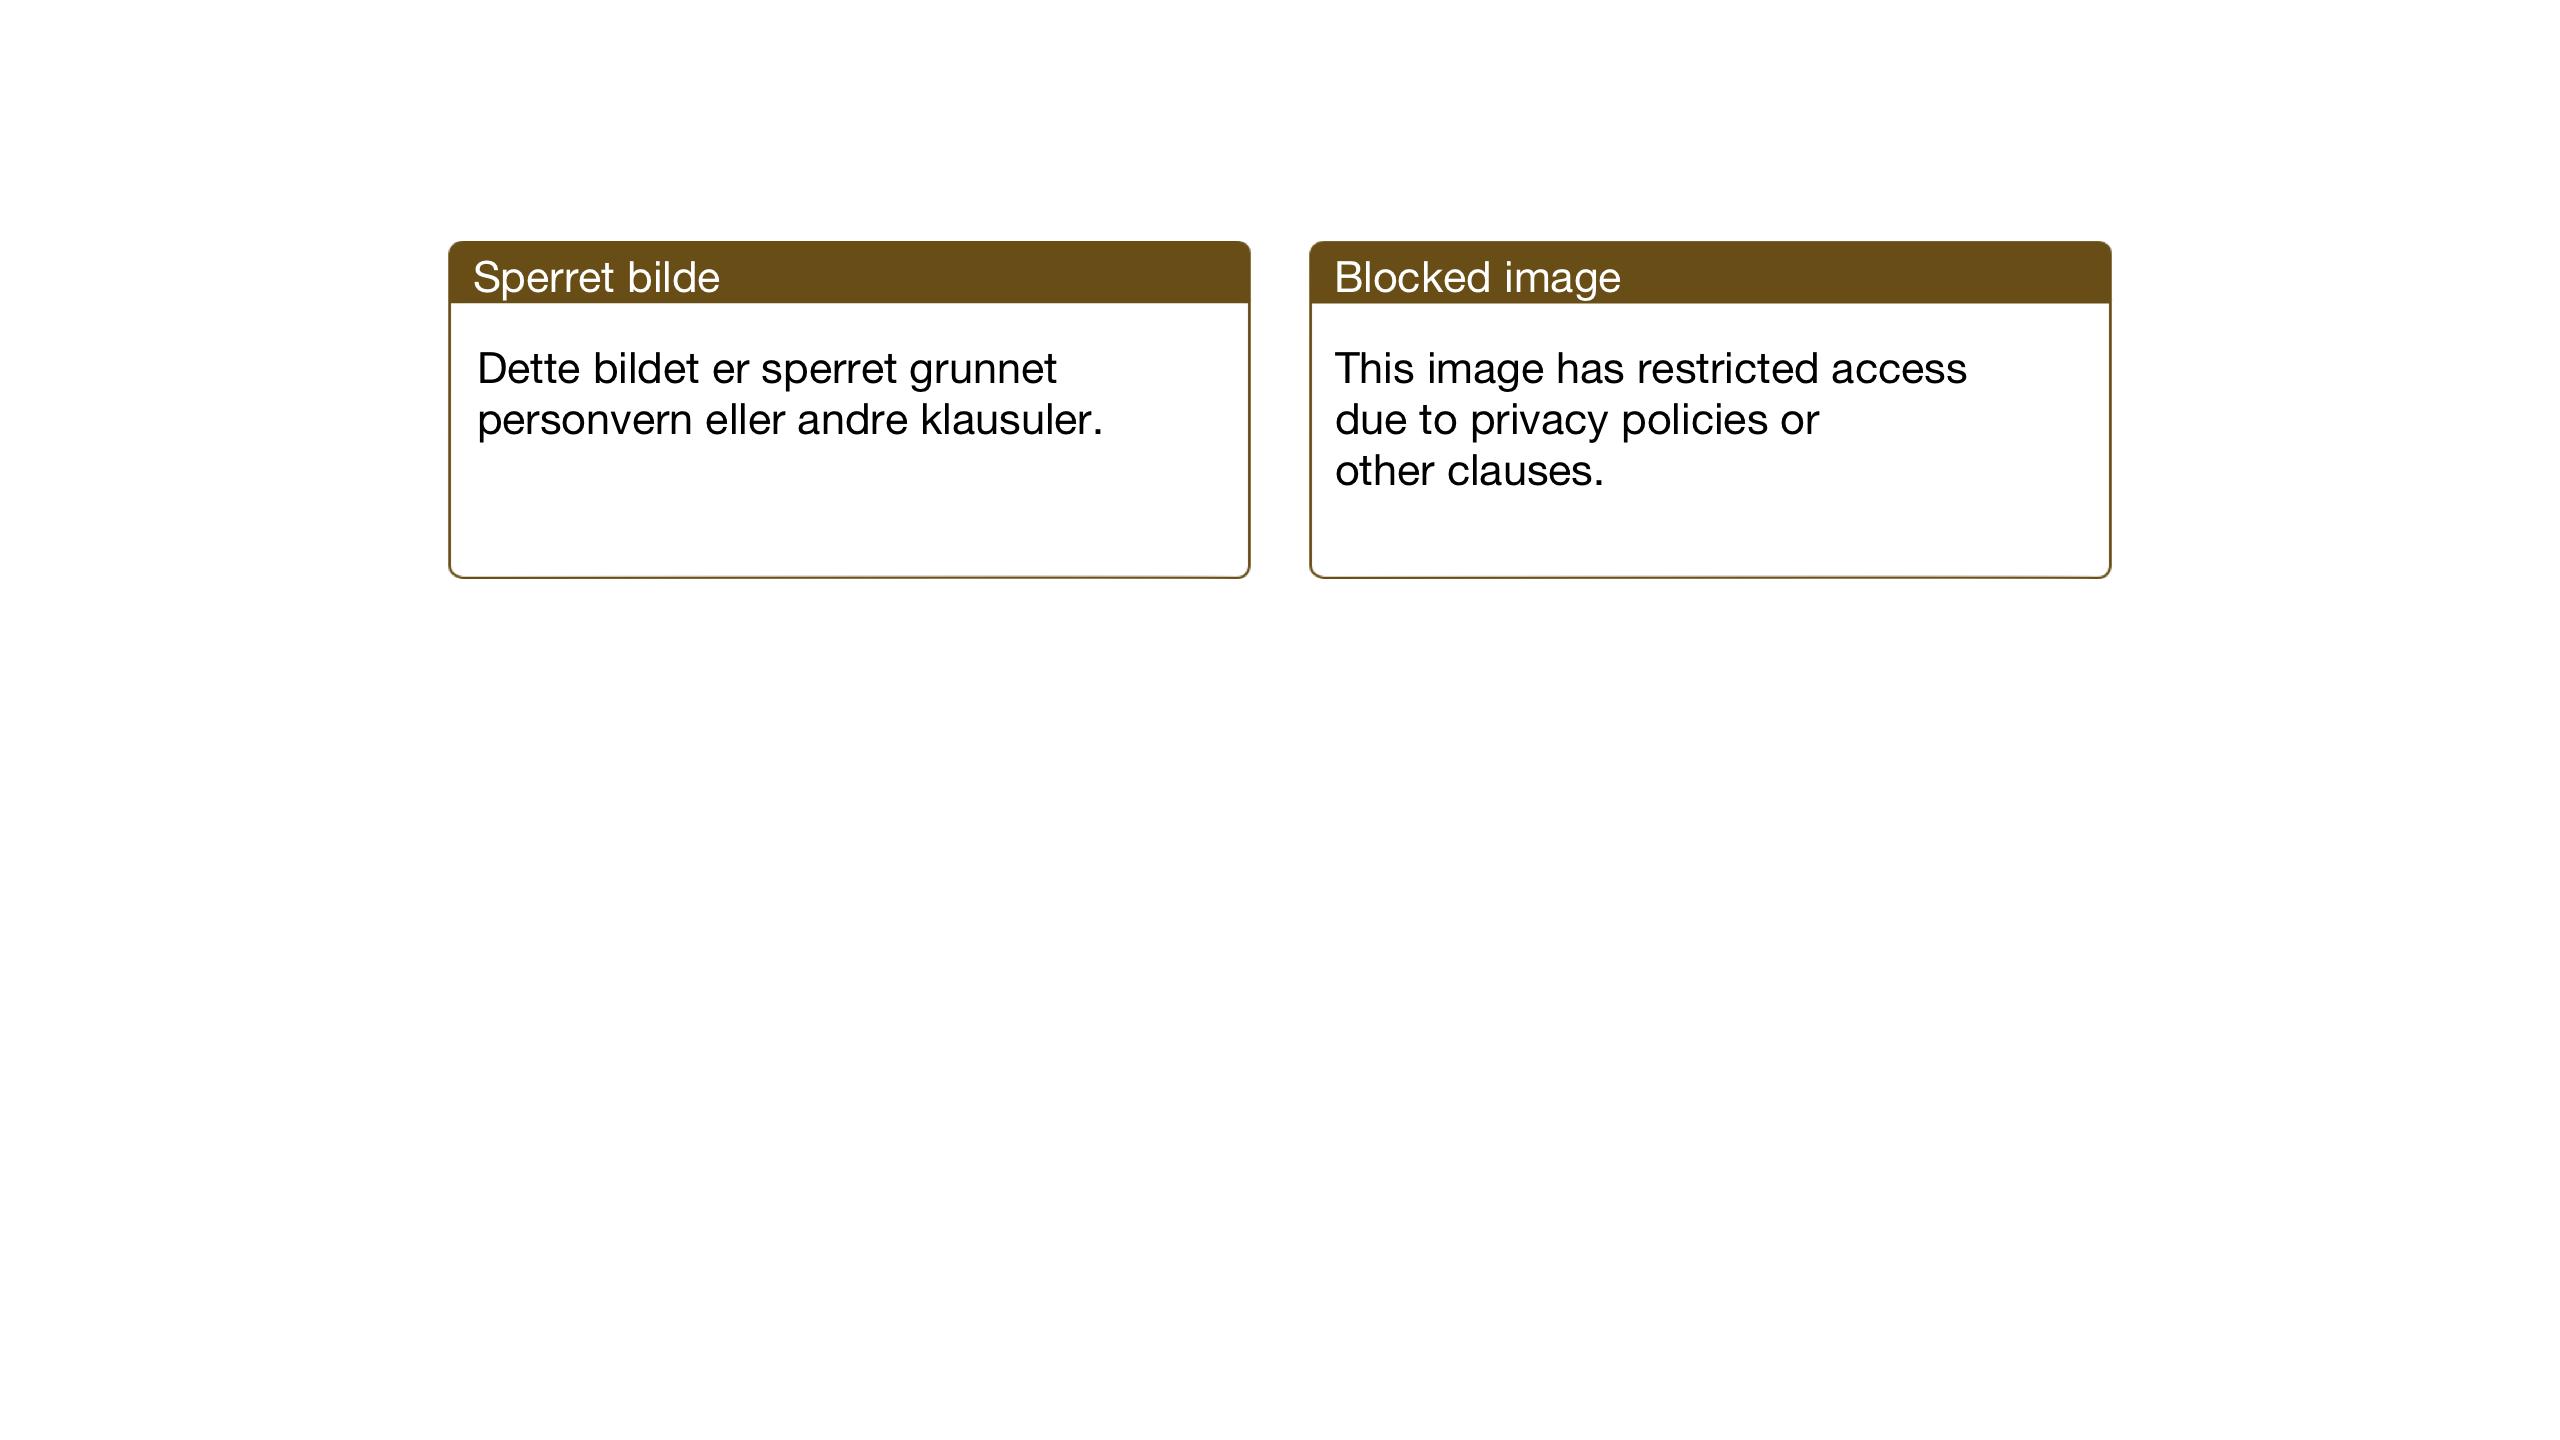 SAT, Ministerialprotokoller, klokkerbøker og fødselsregistre - Sør-Trøndelag, 659/L0747: Klokkerbok nr. 659C04, 1913-1938, s. 158